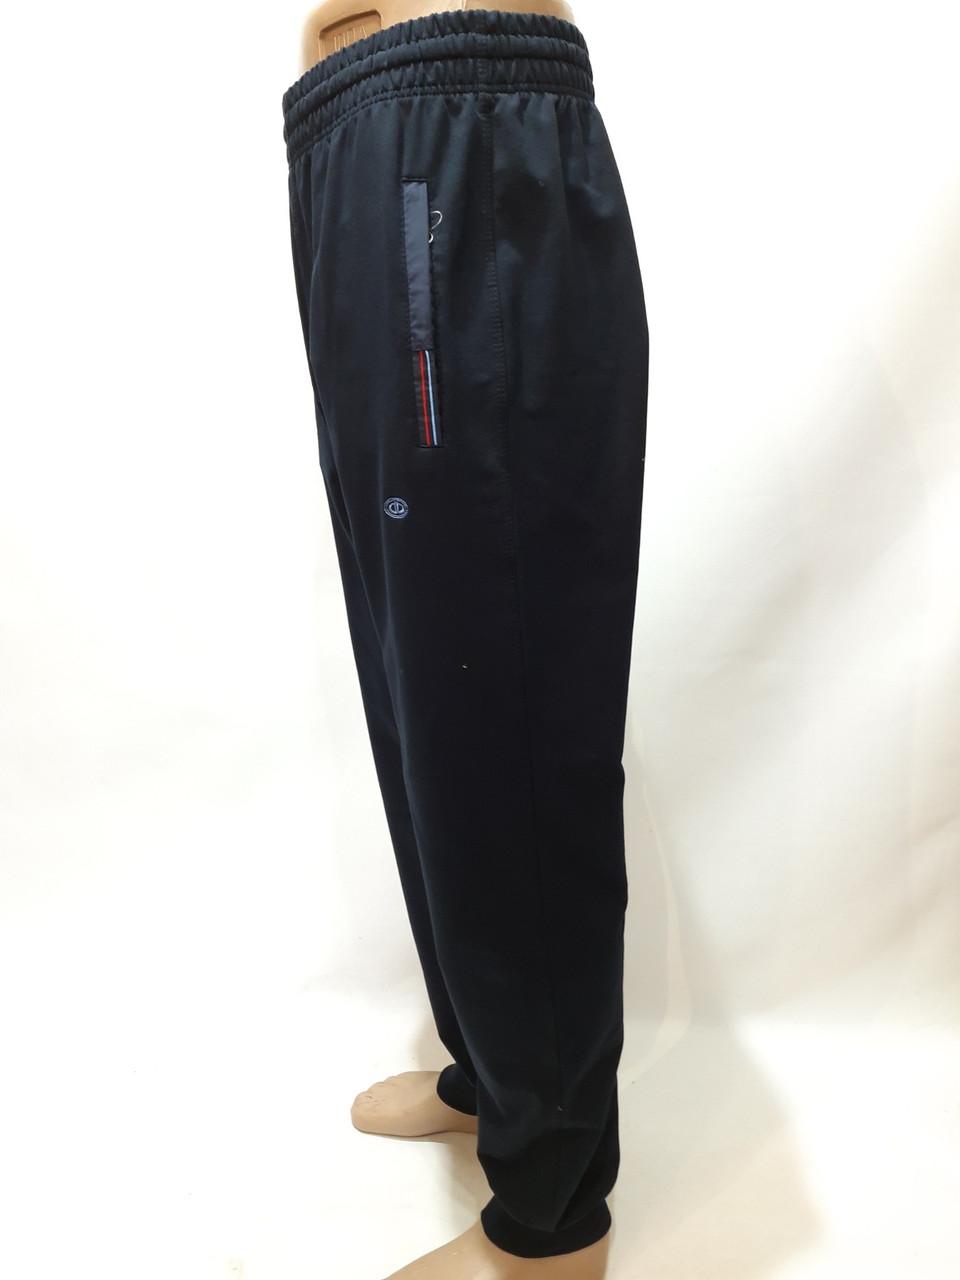 ХЛ,р. Спортивные штаны под манжет Billcee темно-синие отличного качества Последние остались